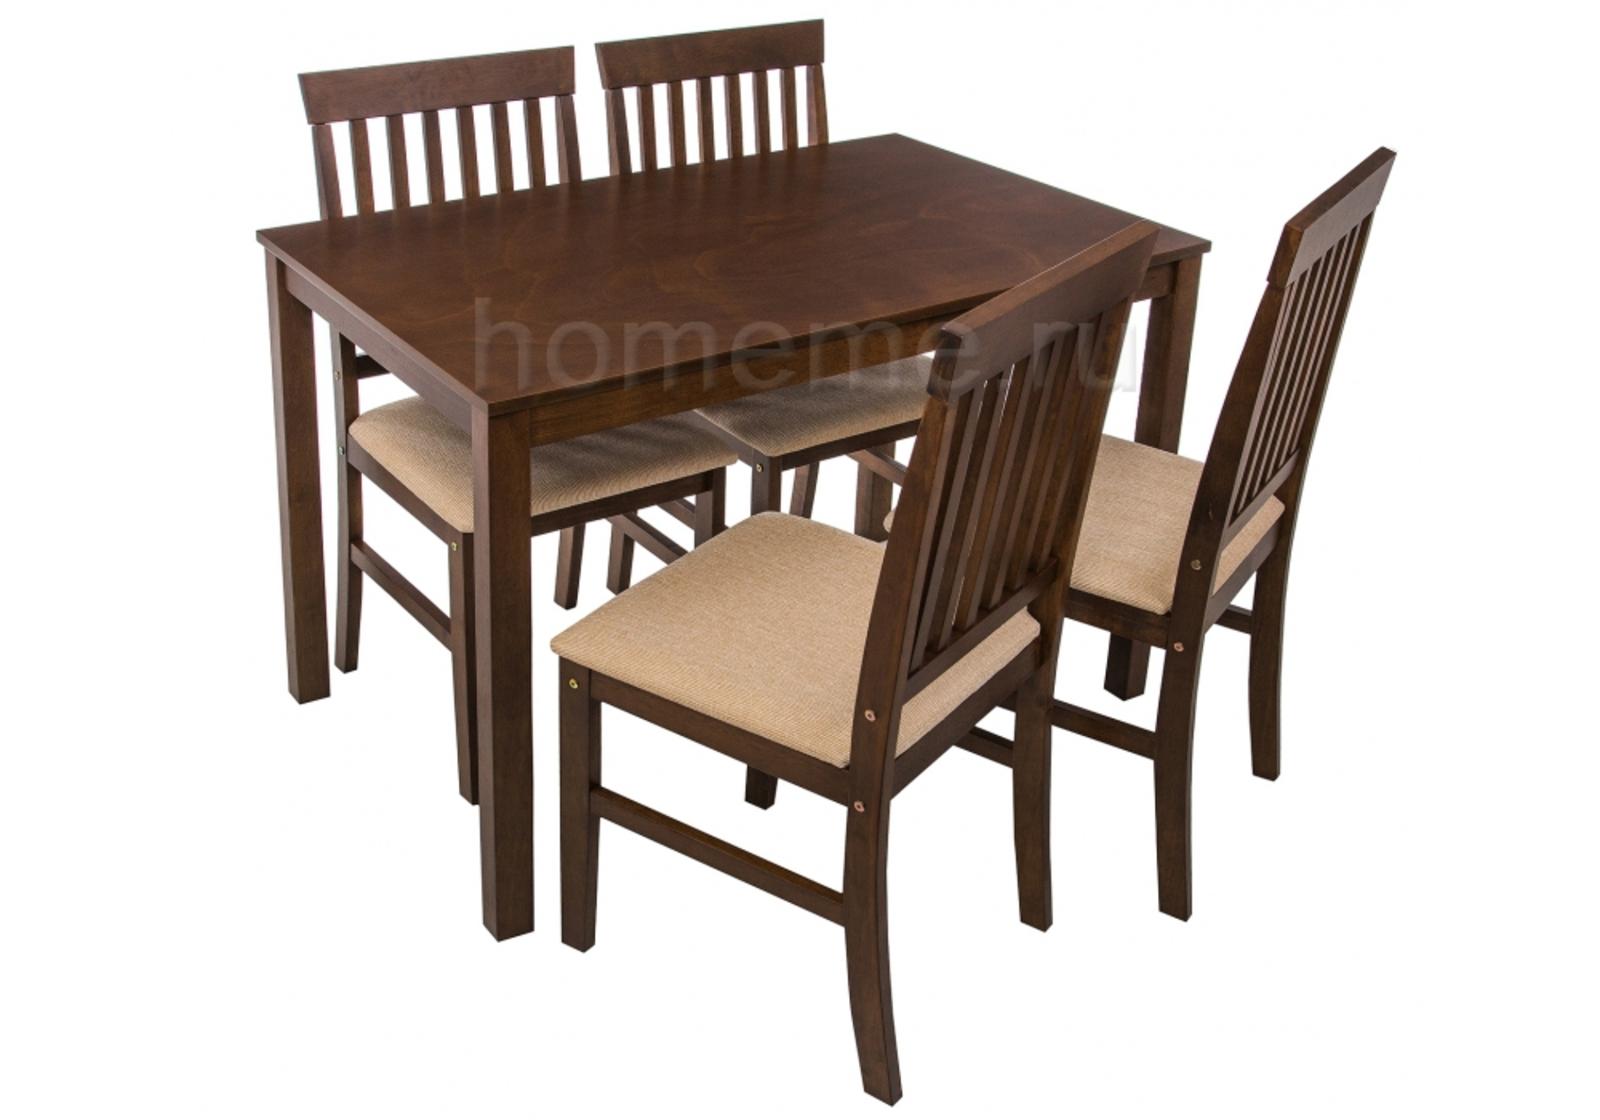 Обеденная группа Luar стол и 4 стула, коричневый/кремовый (1843) HomeMe